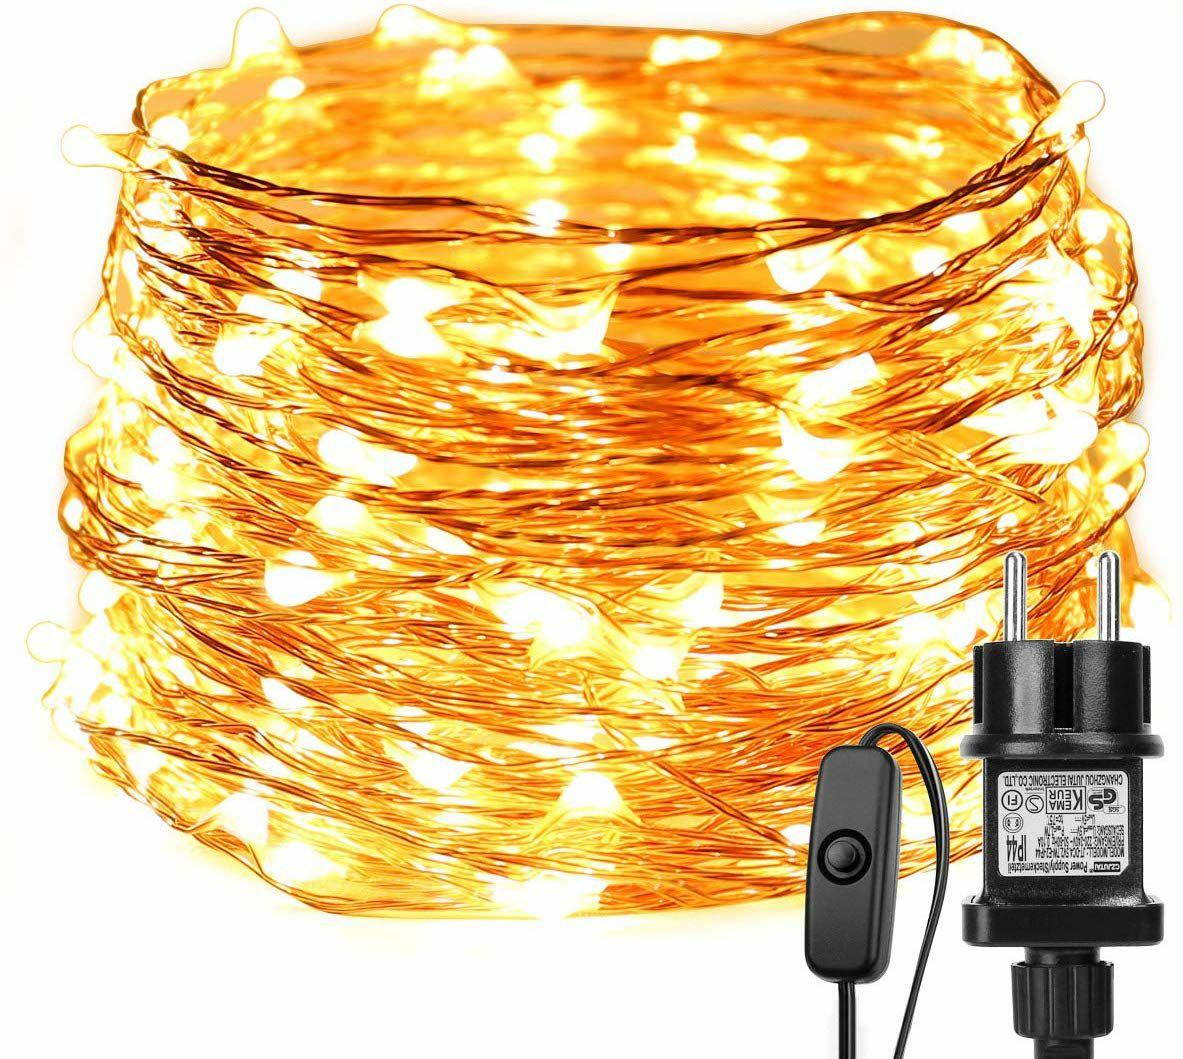 Amazon: Luces de decoración 20 metros IP65 resistente al agua